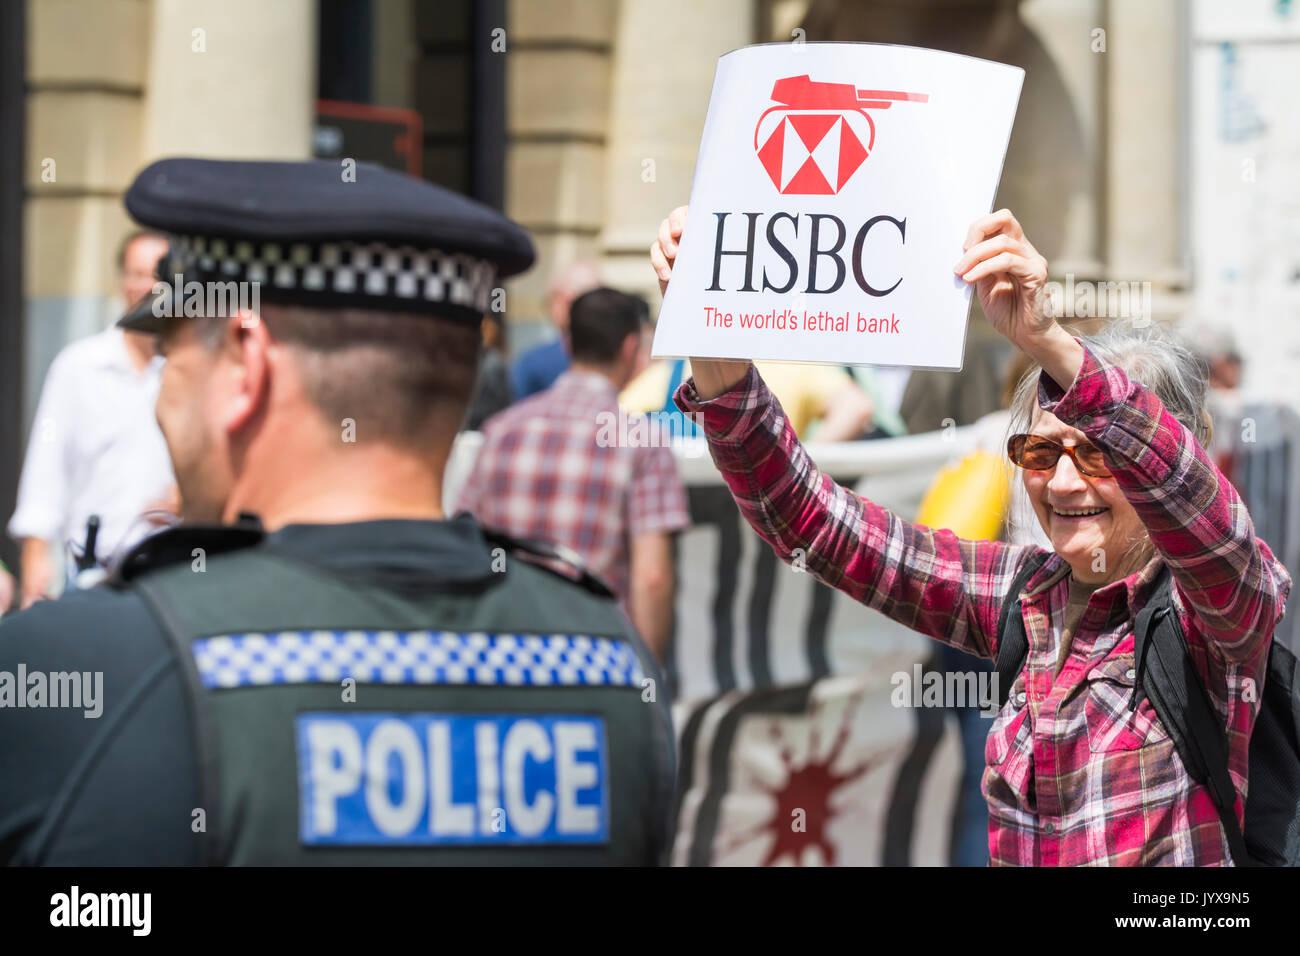 Protestor tenendo una protesta iscriviti dicendo 'Stop armare Israele' al di fuori della banca HSBC in Brighton, East Sussex, Inghilterra, Regno Unito. Immagini Stock